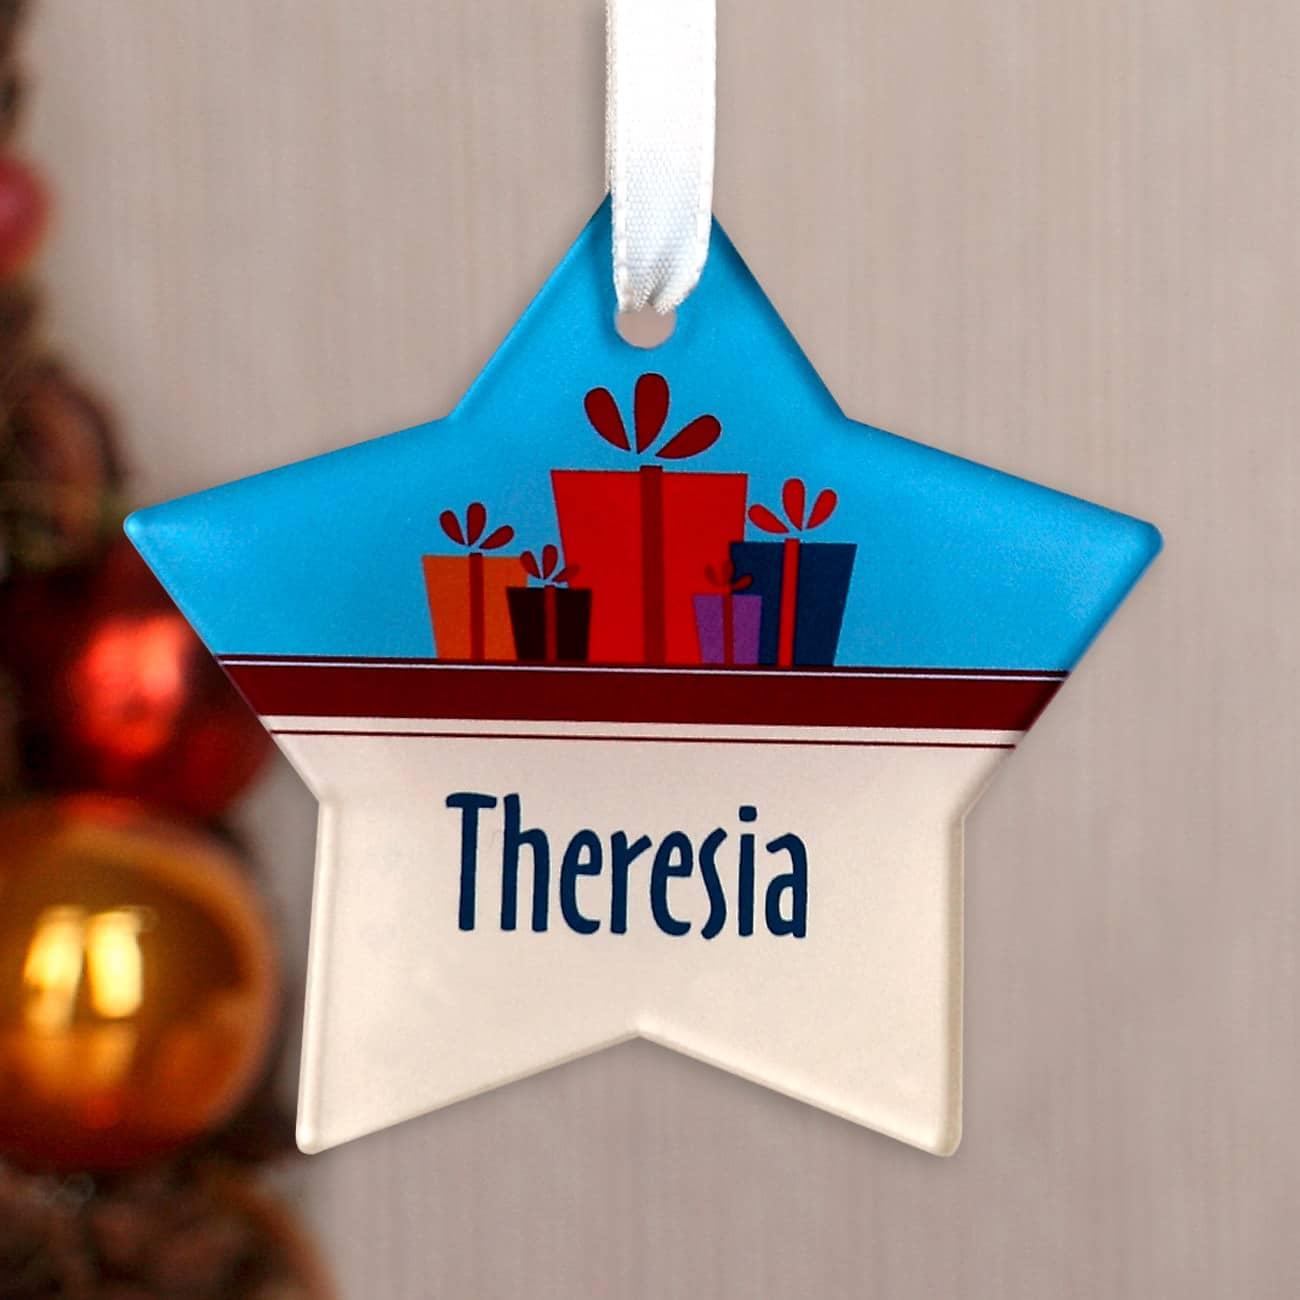 weihnachtsbaumanh nger mit name und geschenken geschenke. Black Bedroom Furniture Sets. Home Design Ideas